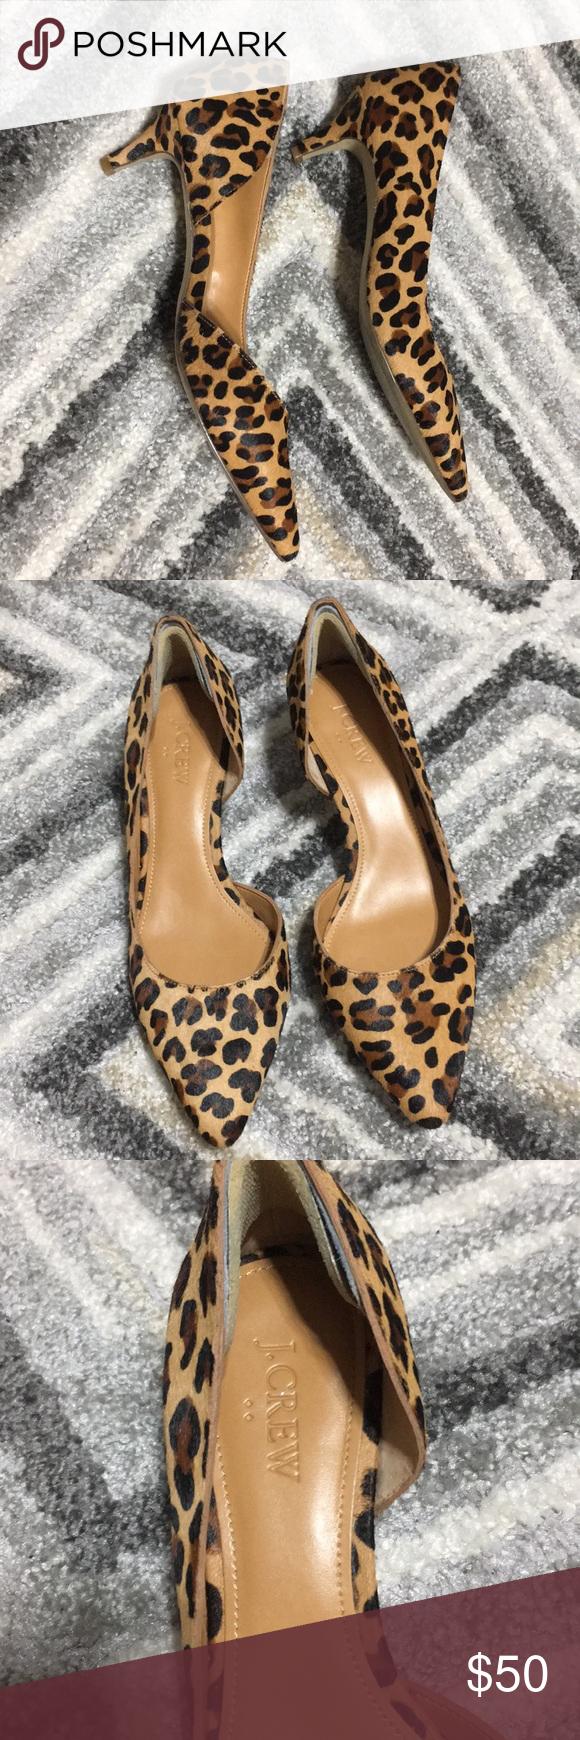 Jcrew Factory Leopard Kitten Heels Kitten Heels Heels Jcrew Factory